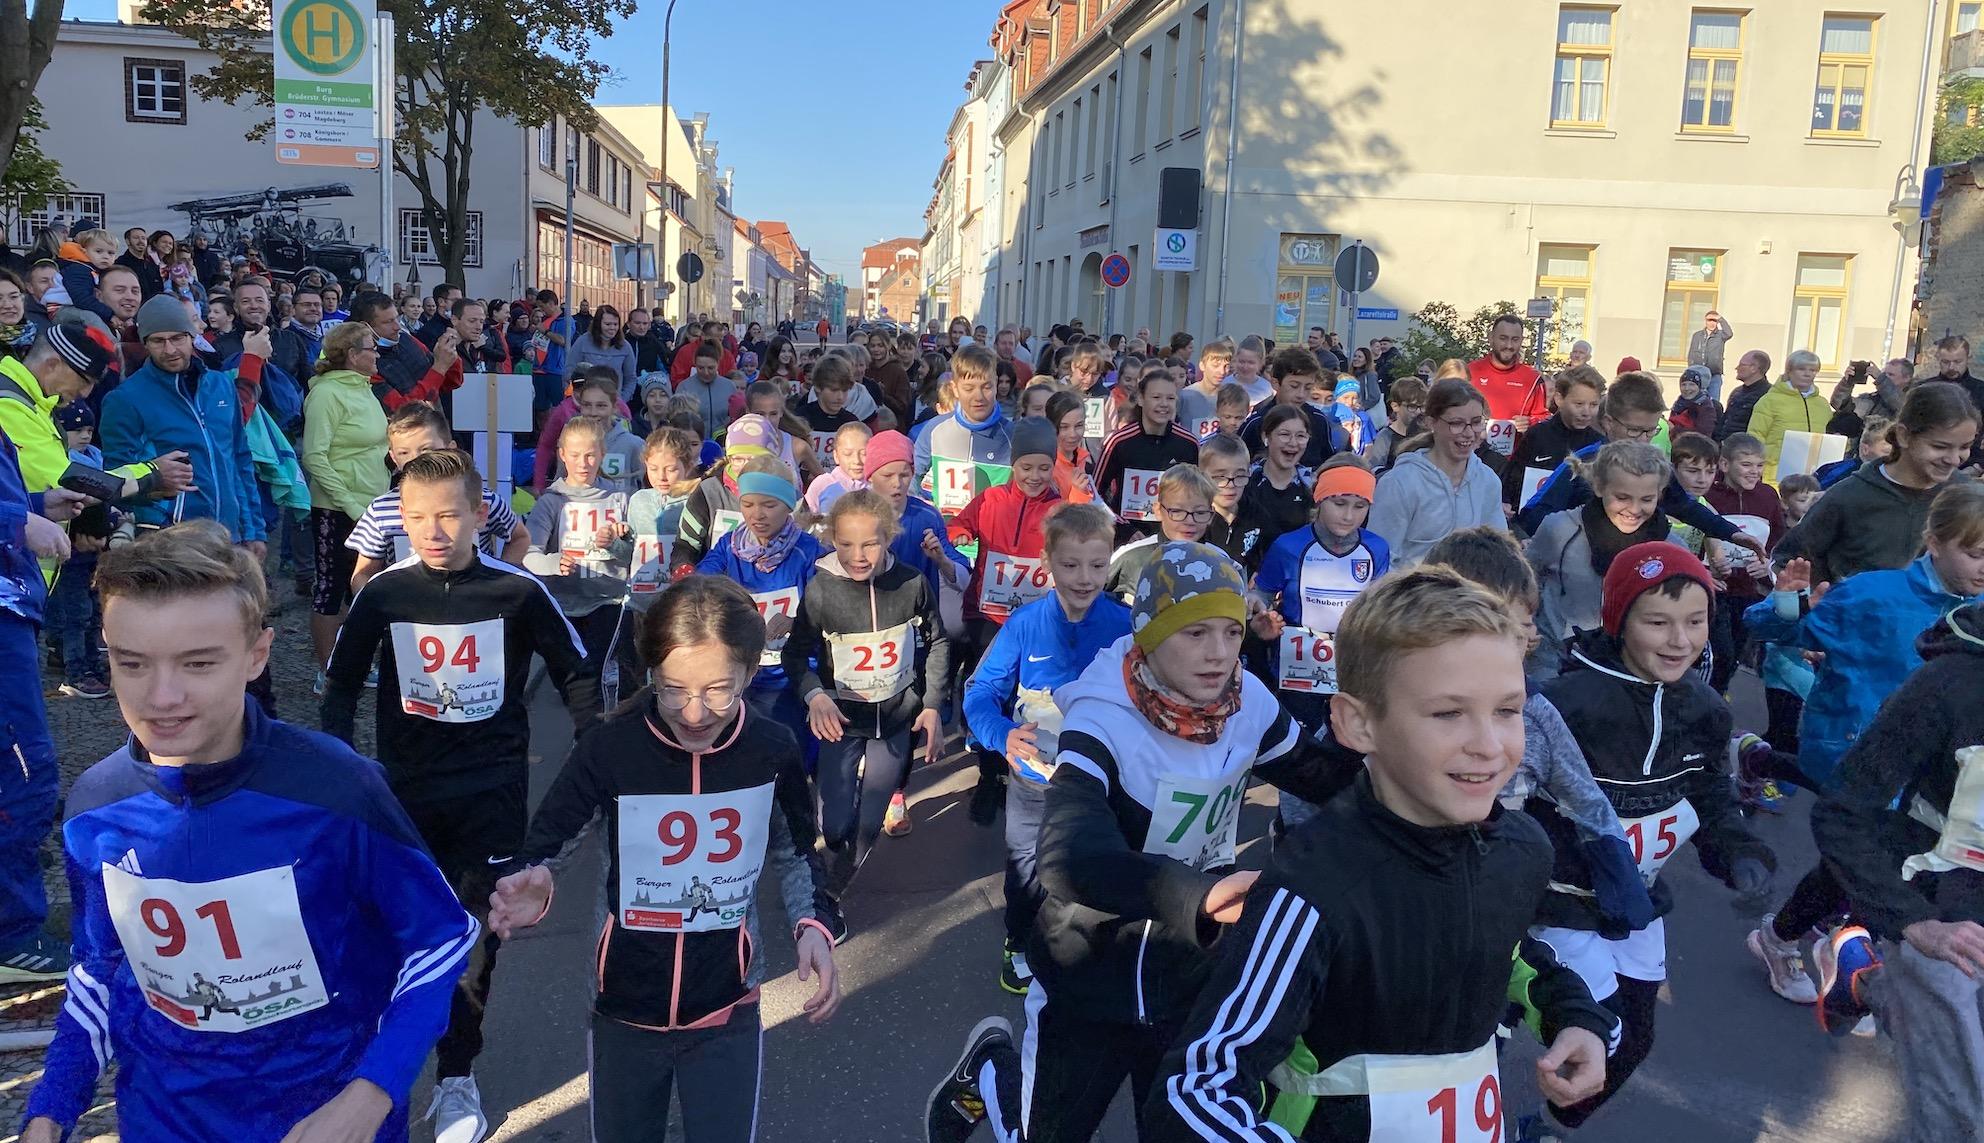 Rolandlauf 2021: Jugend sprintet den Eltern davon